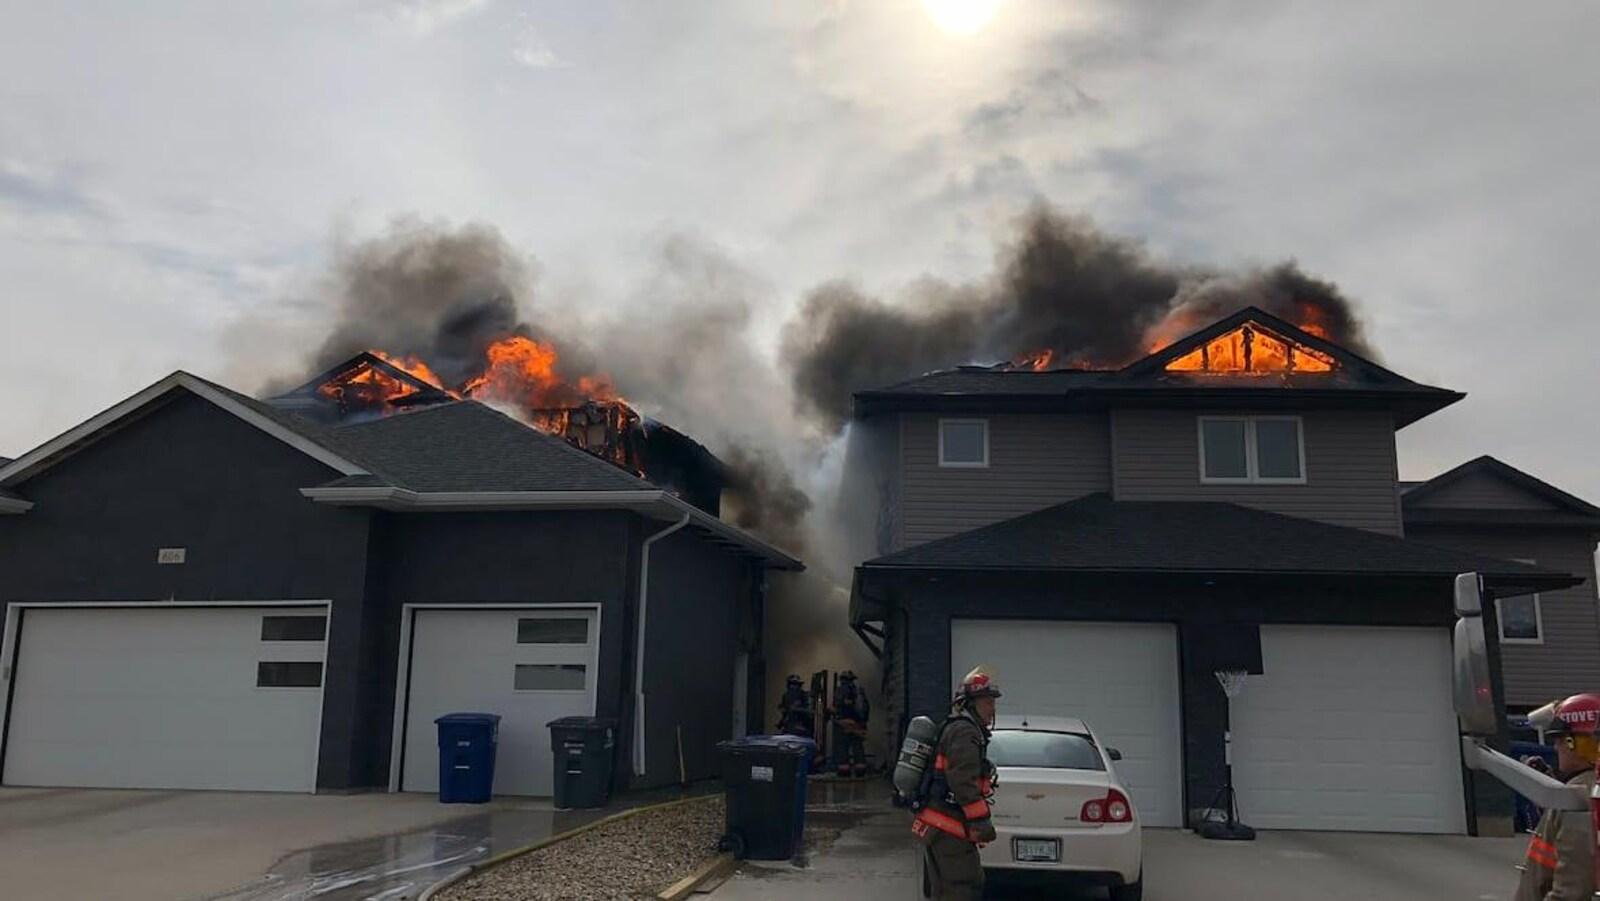 Des pompiers se tiennent près des deux maisons en feu.